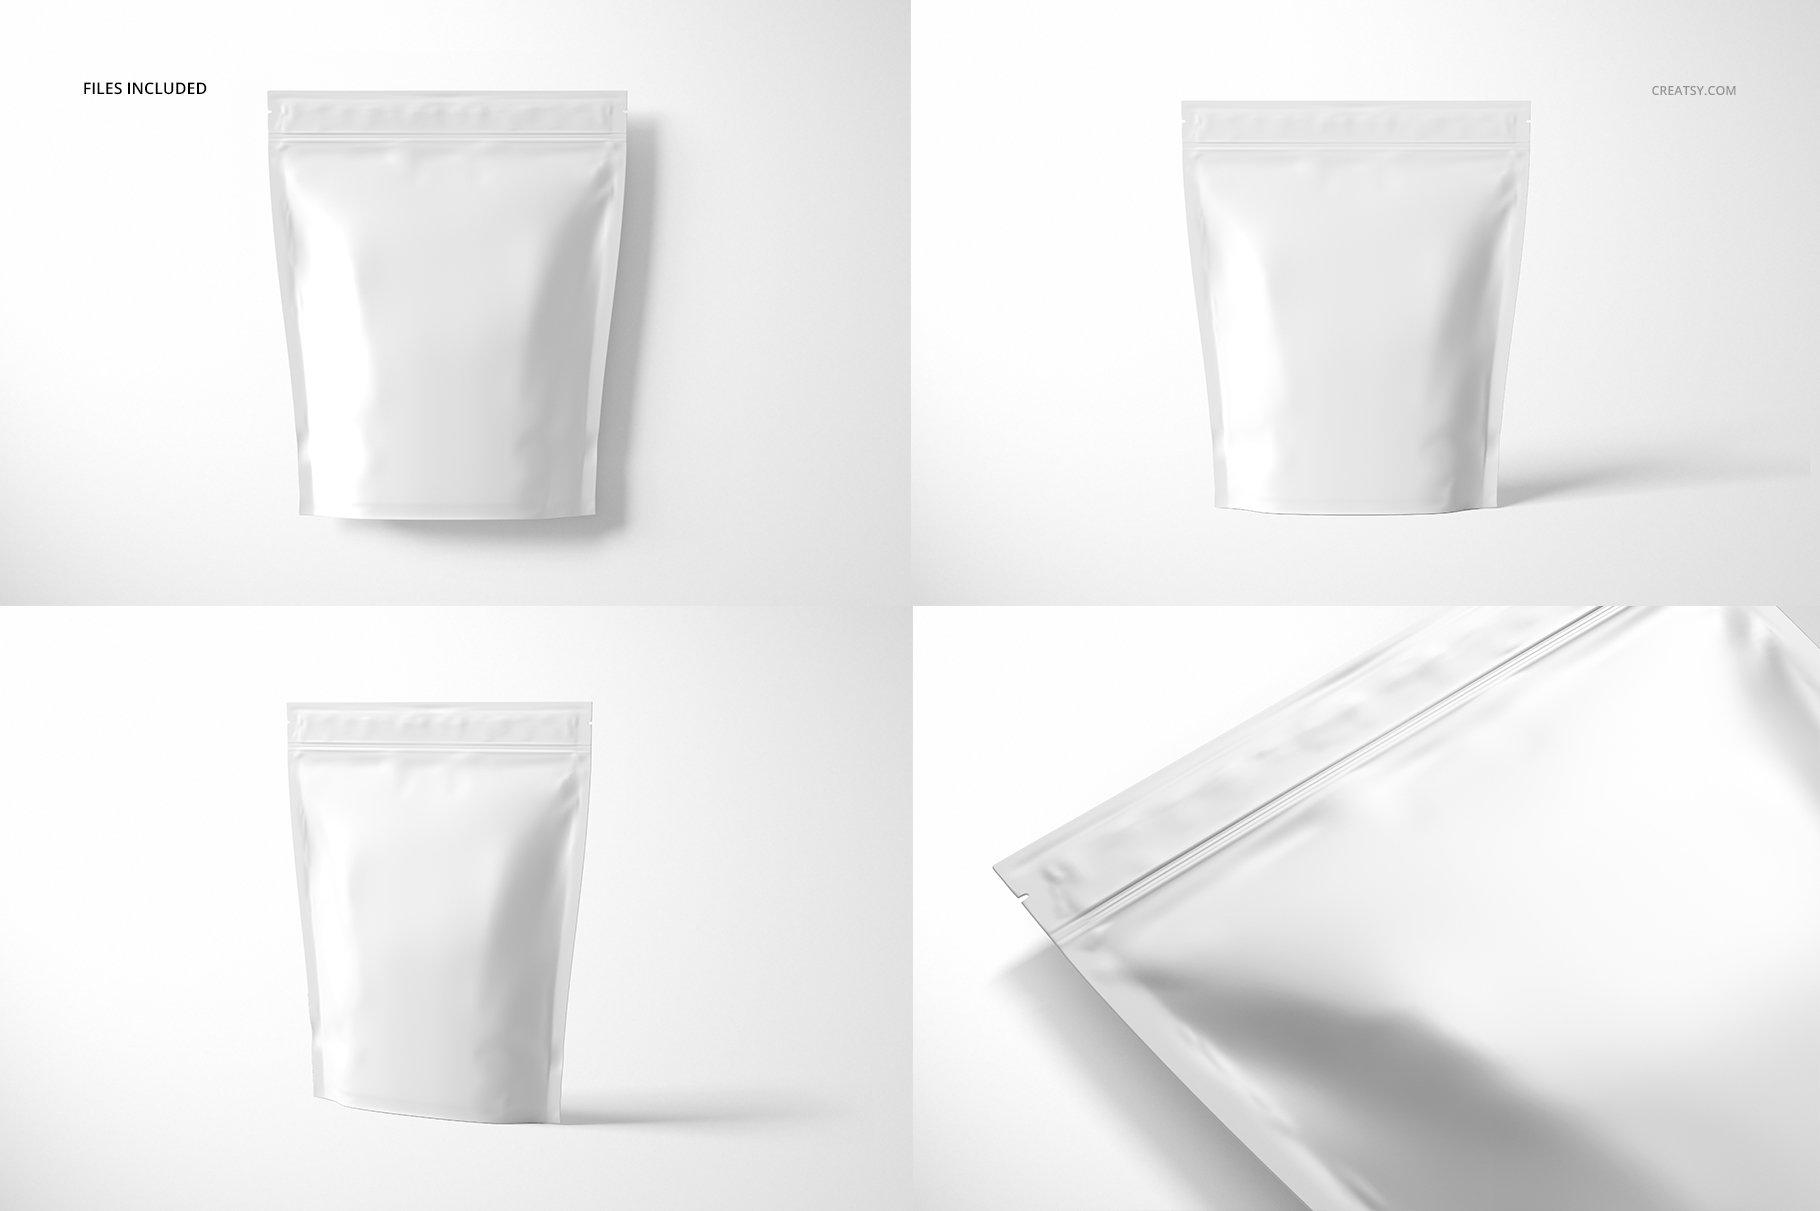 自立袋拉链锁自封袋塑料袋设计展示样机模板合集 Stand Up Zip Lock Pouch Mockup Set 3插图(3)